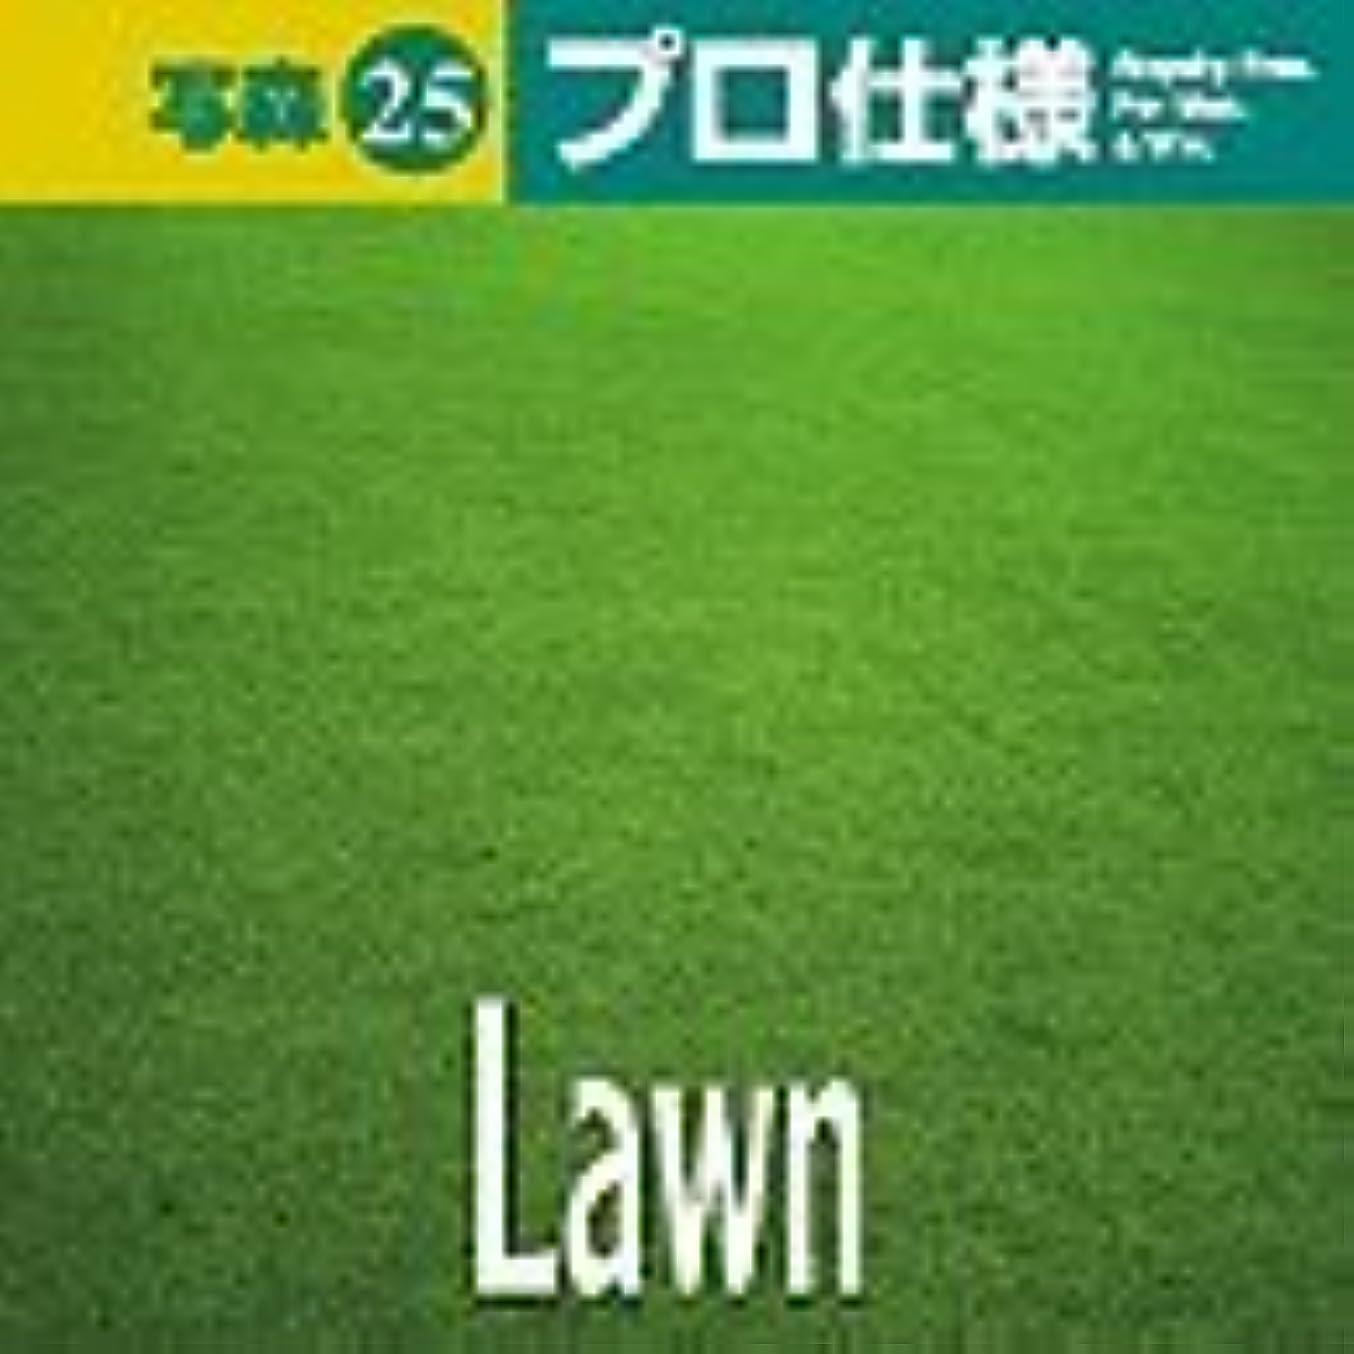 無法者数学フットボール写森プロ仕様 Vol.25 Lawn